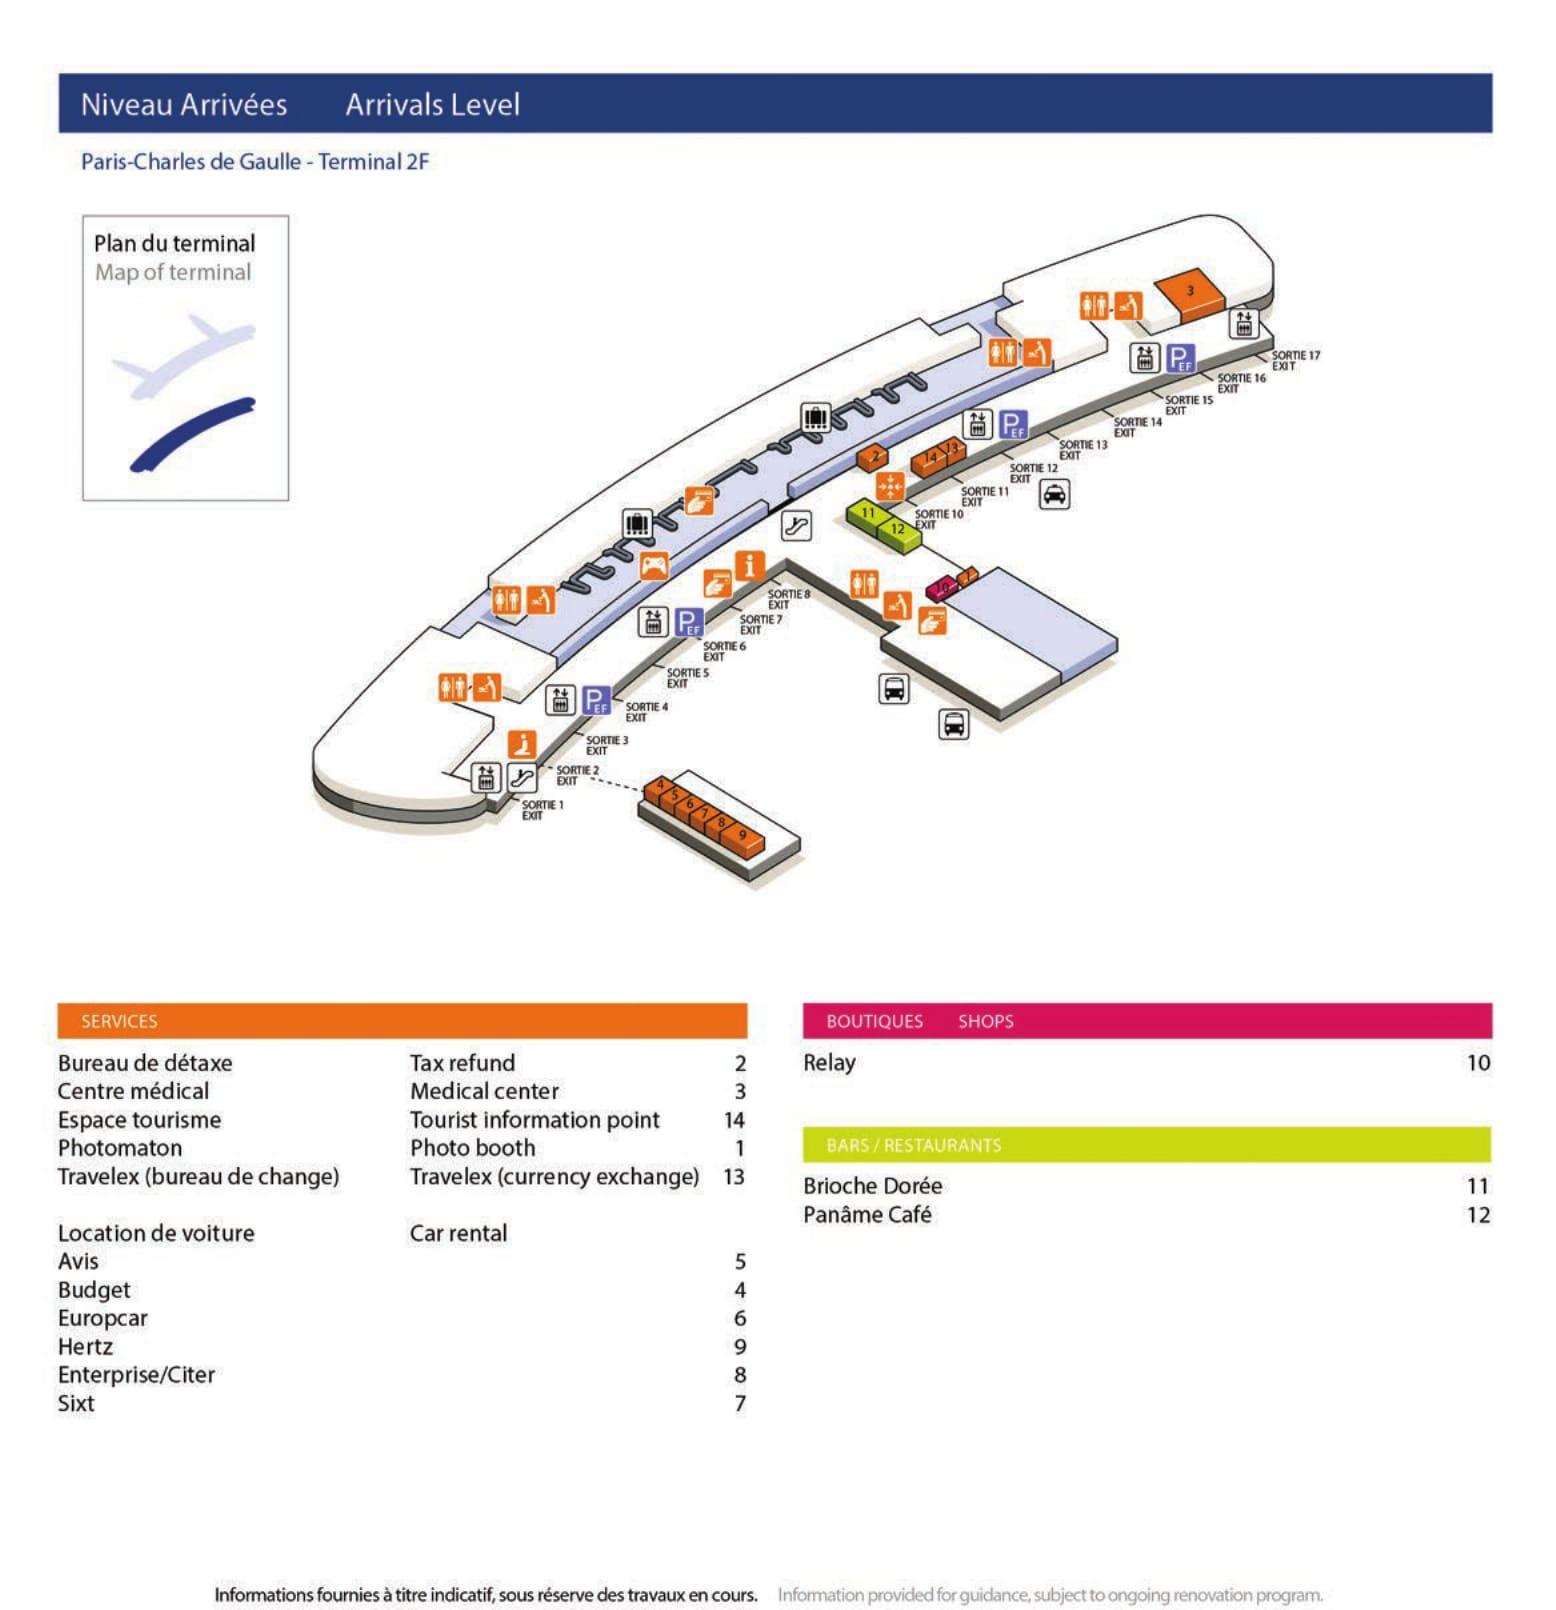 Mapa de la Terminal 2F2 del aeropuerto de Paris Charles de Gaulle